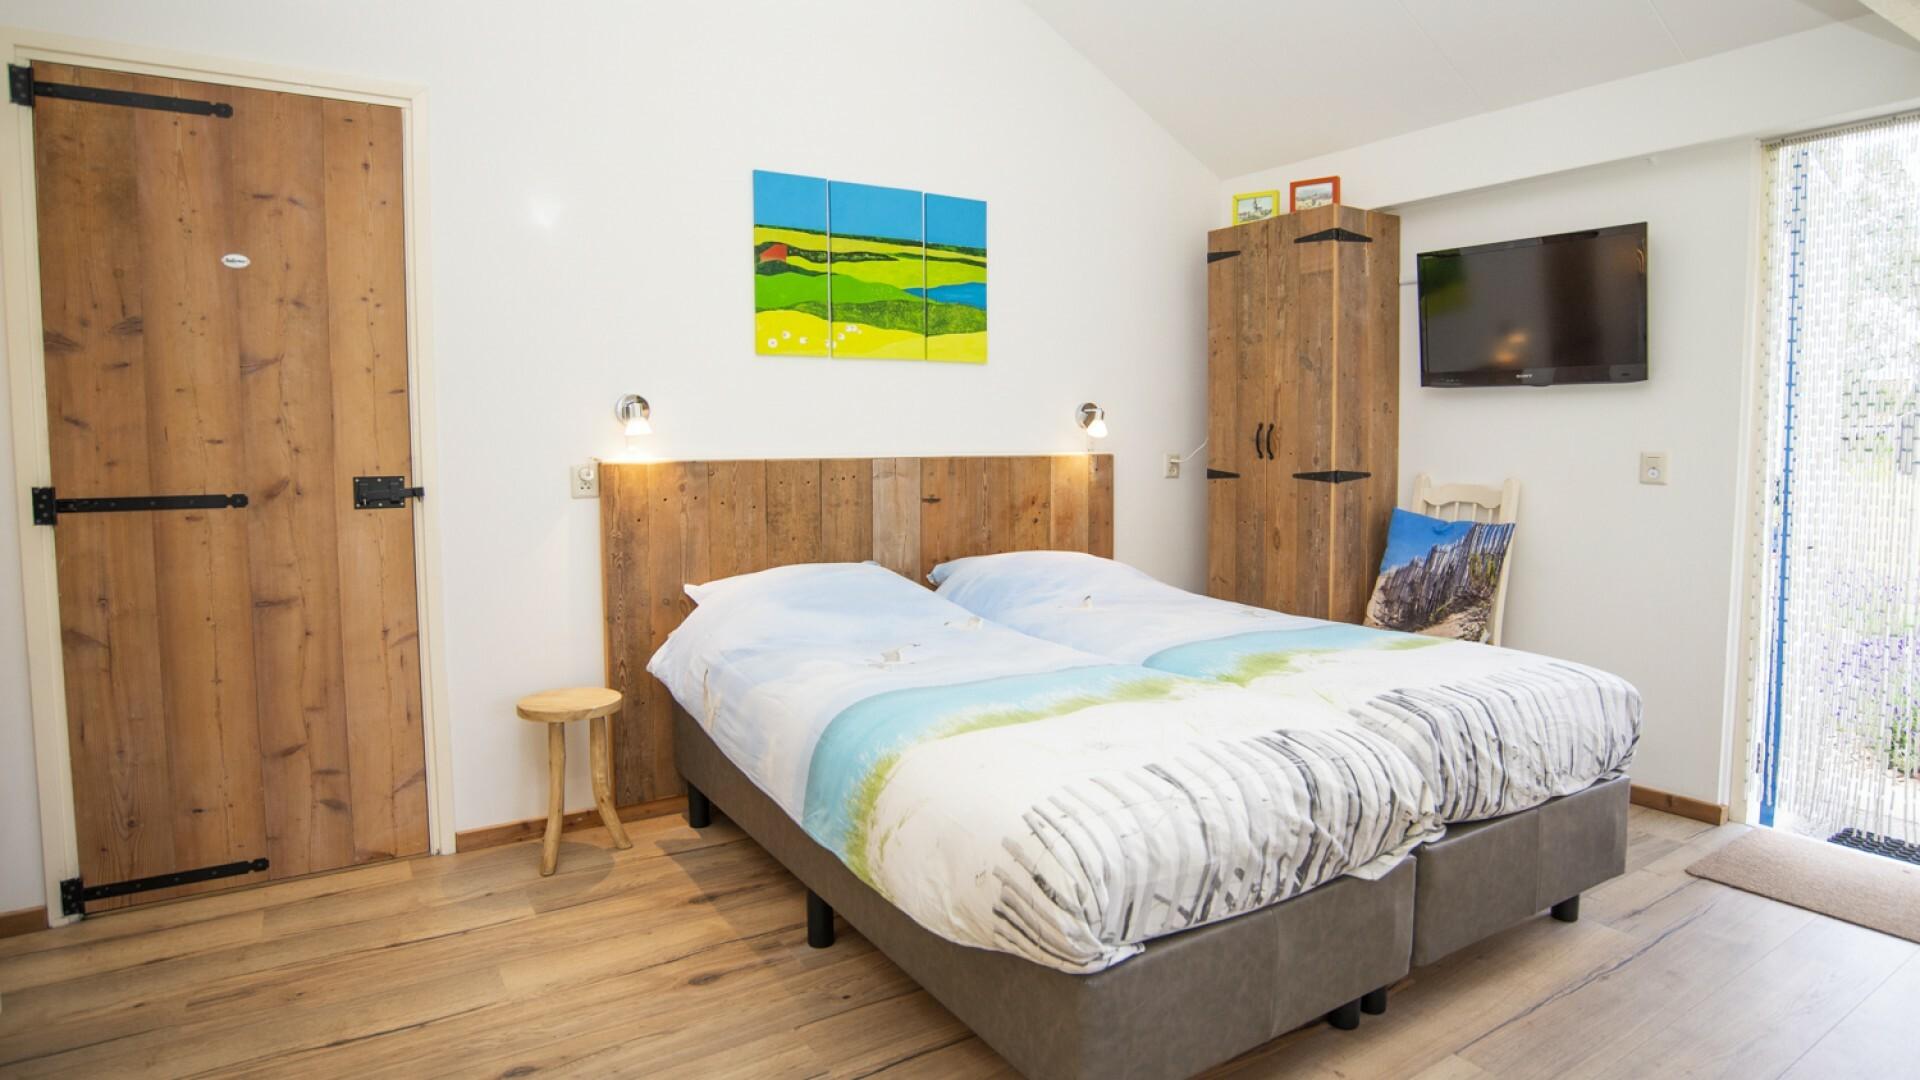 Bed studio Vooruit Zicht bed and breakfast Vrij Zicht VVV Texel